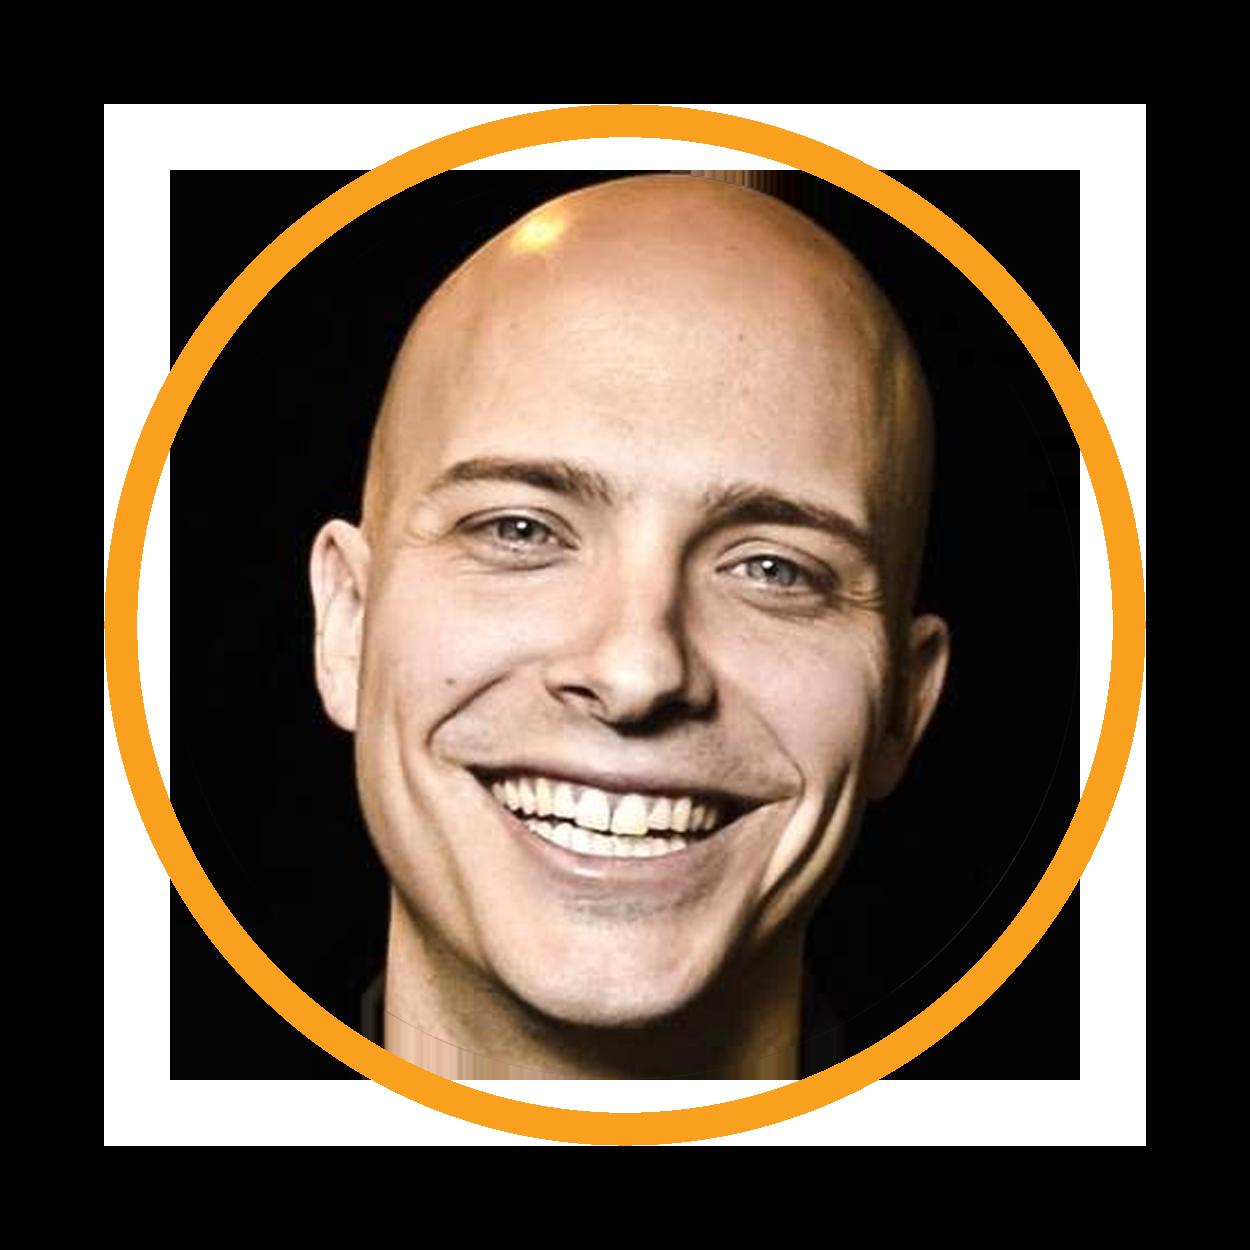 Derek Andersen_Bevy_Startup Grind_Edited.png